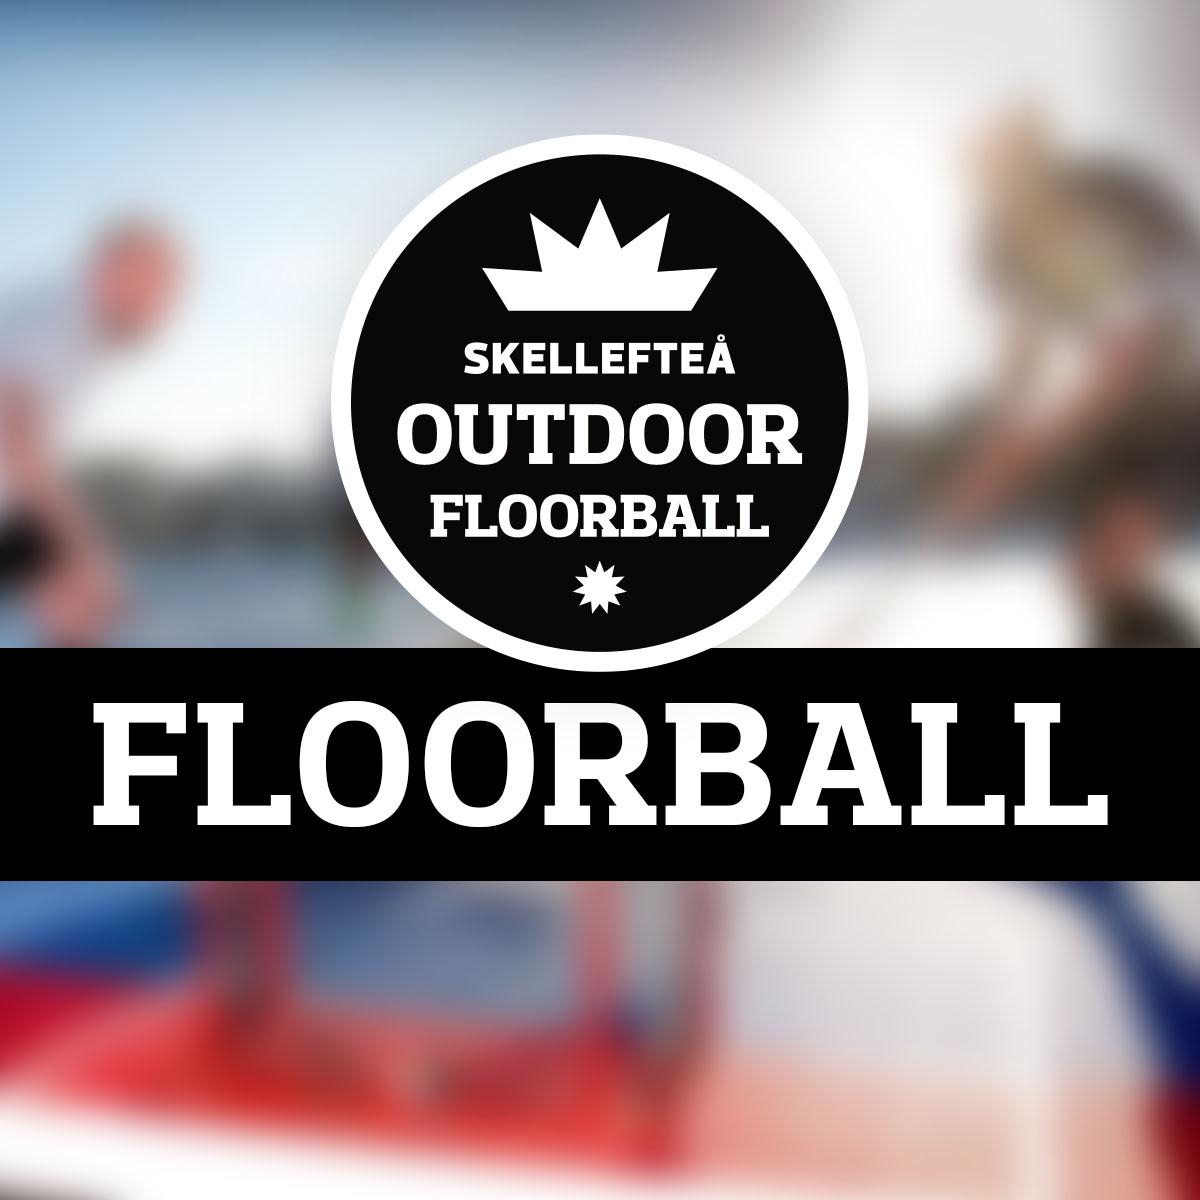 Skellefteå Outdoor Floorball